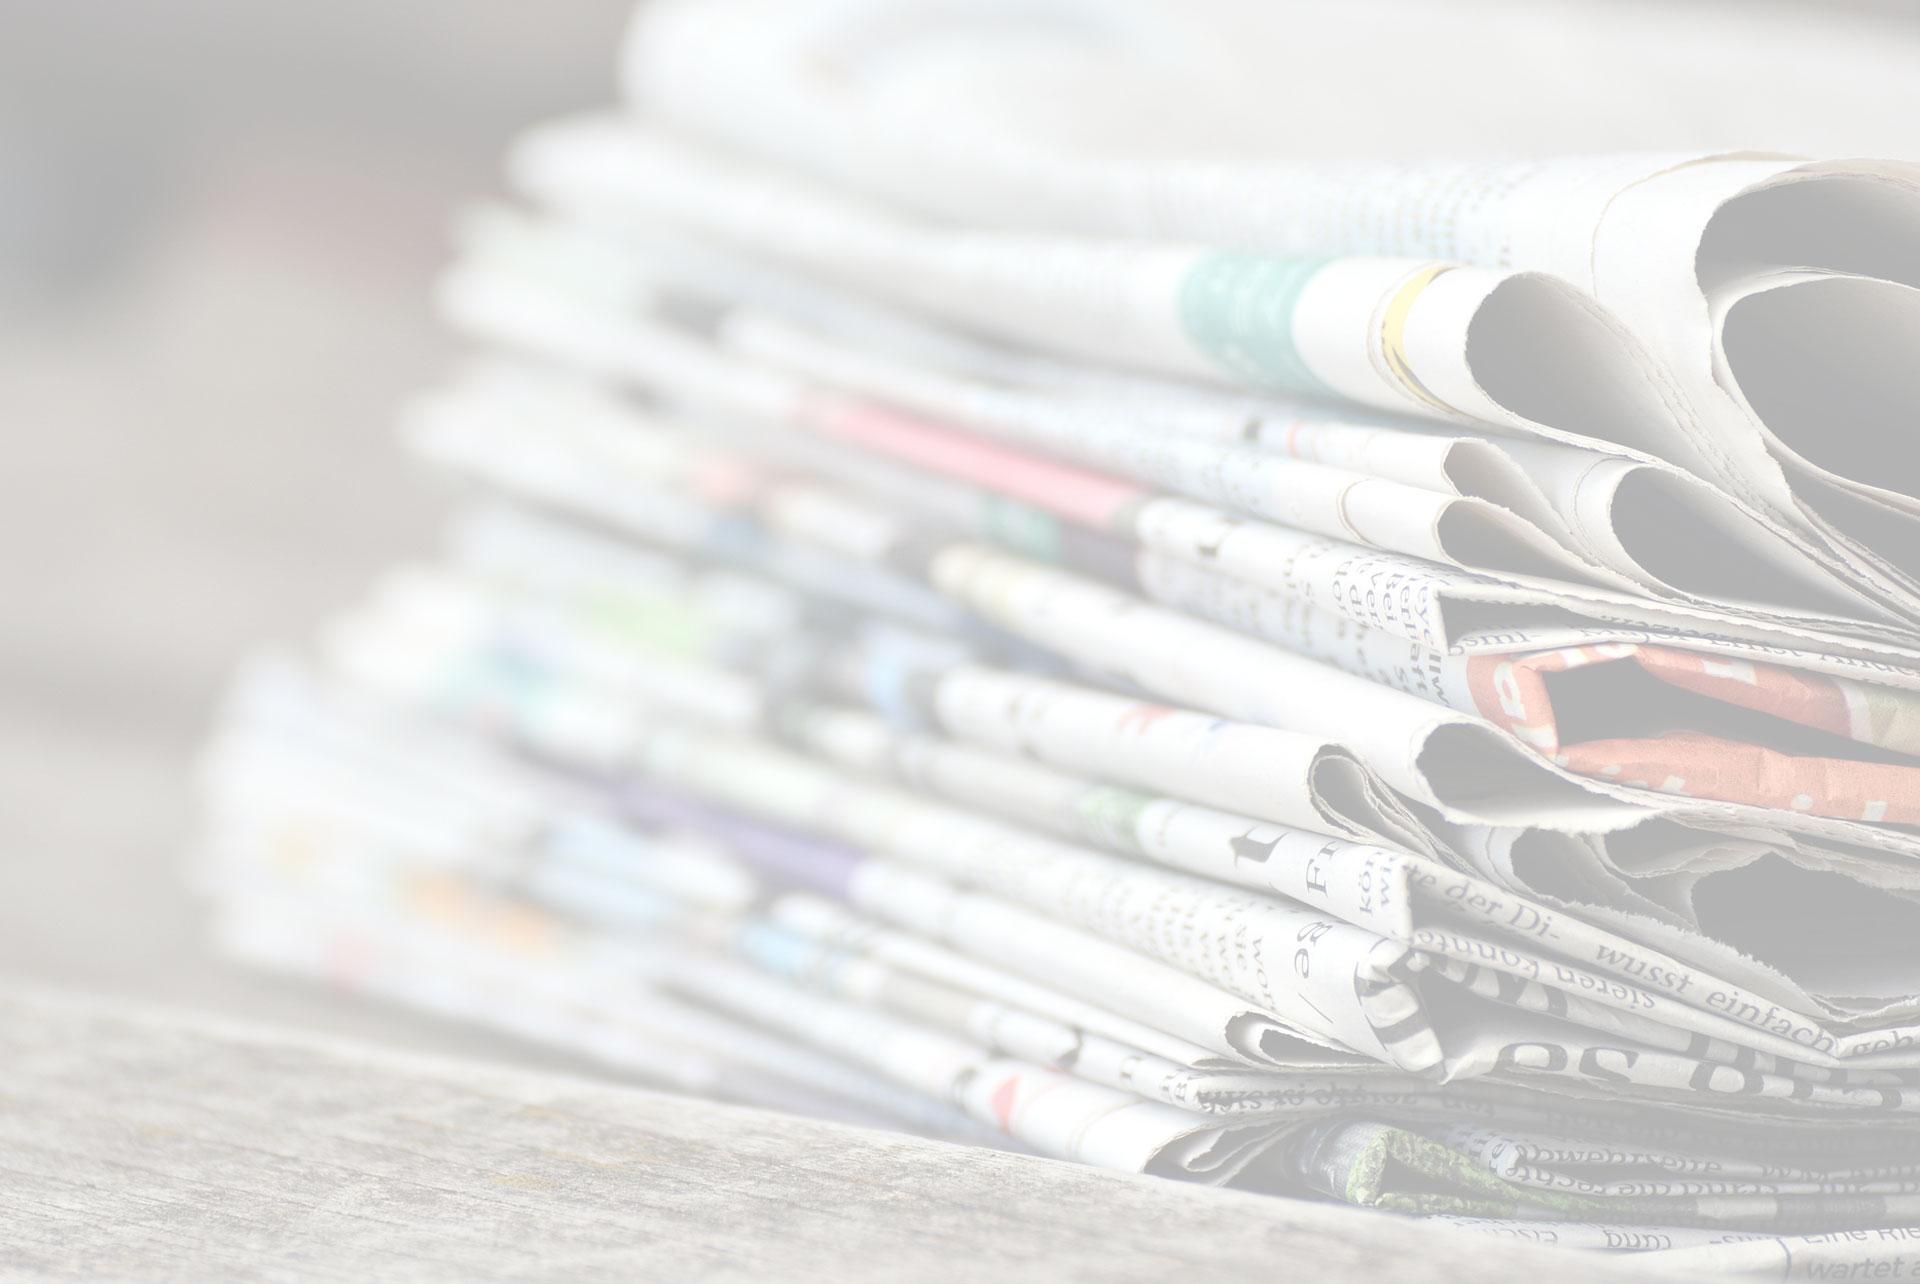 Consultazioni governo: Di Maio guarda a Lega e PD